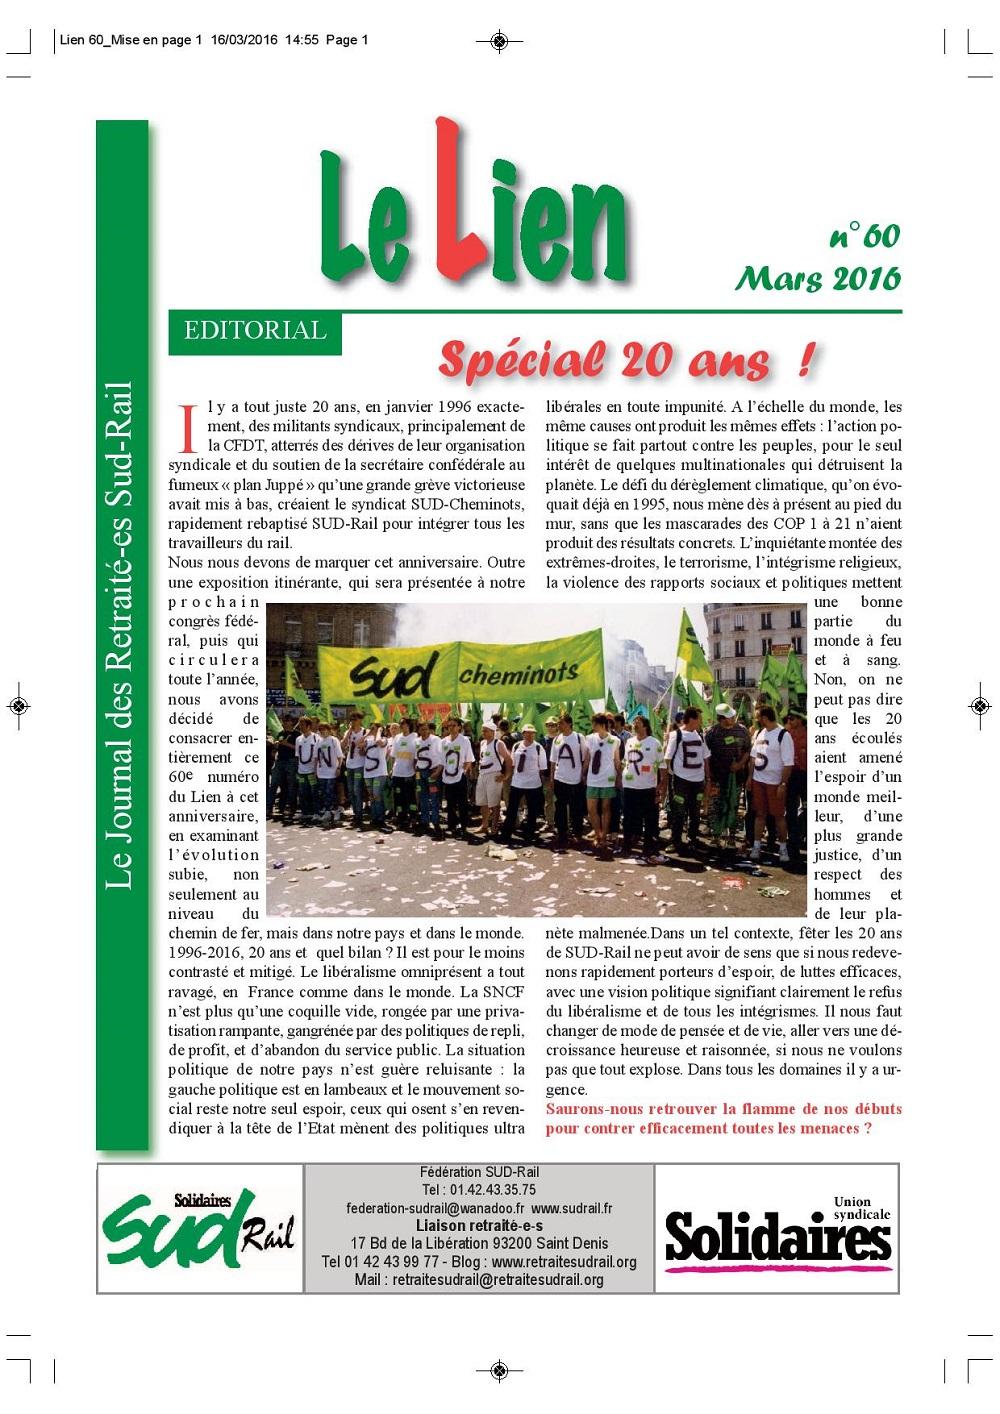 Lien retraite n60-page-001